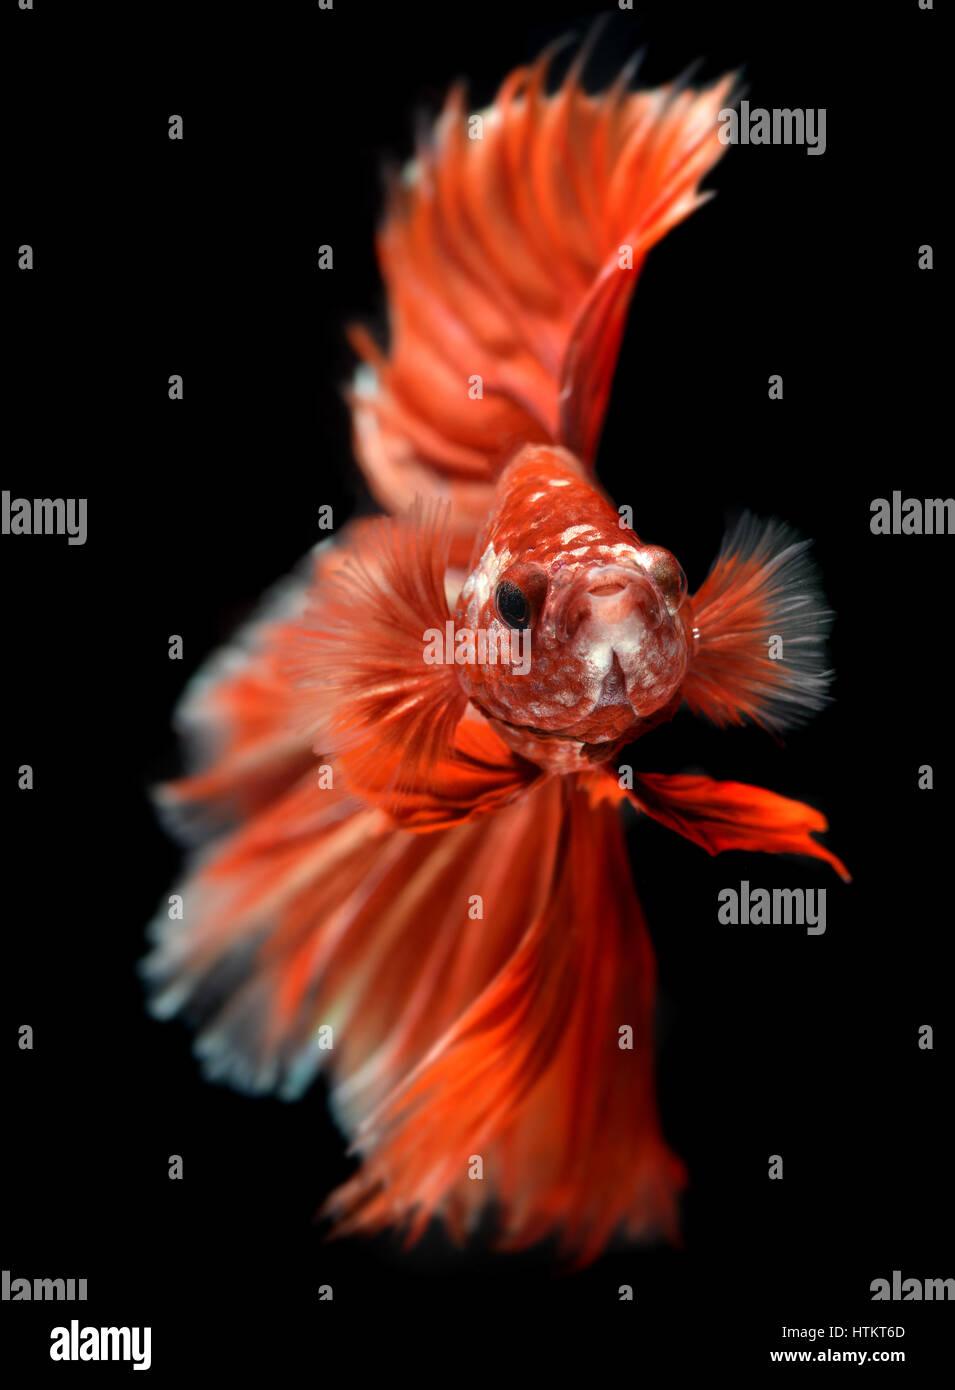 Rosso dorato vacillare colorati di Betta Saimese lotta contro la pesca la bellezza e la libertà in sfondo nero Immagini Stock